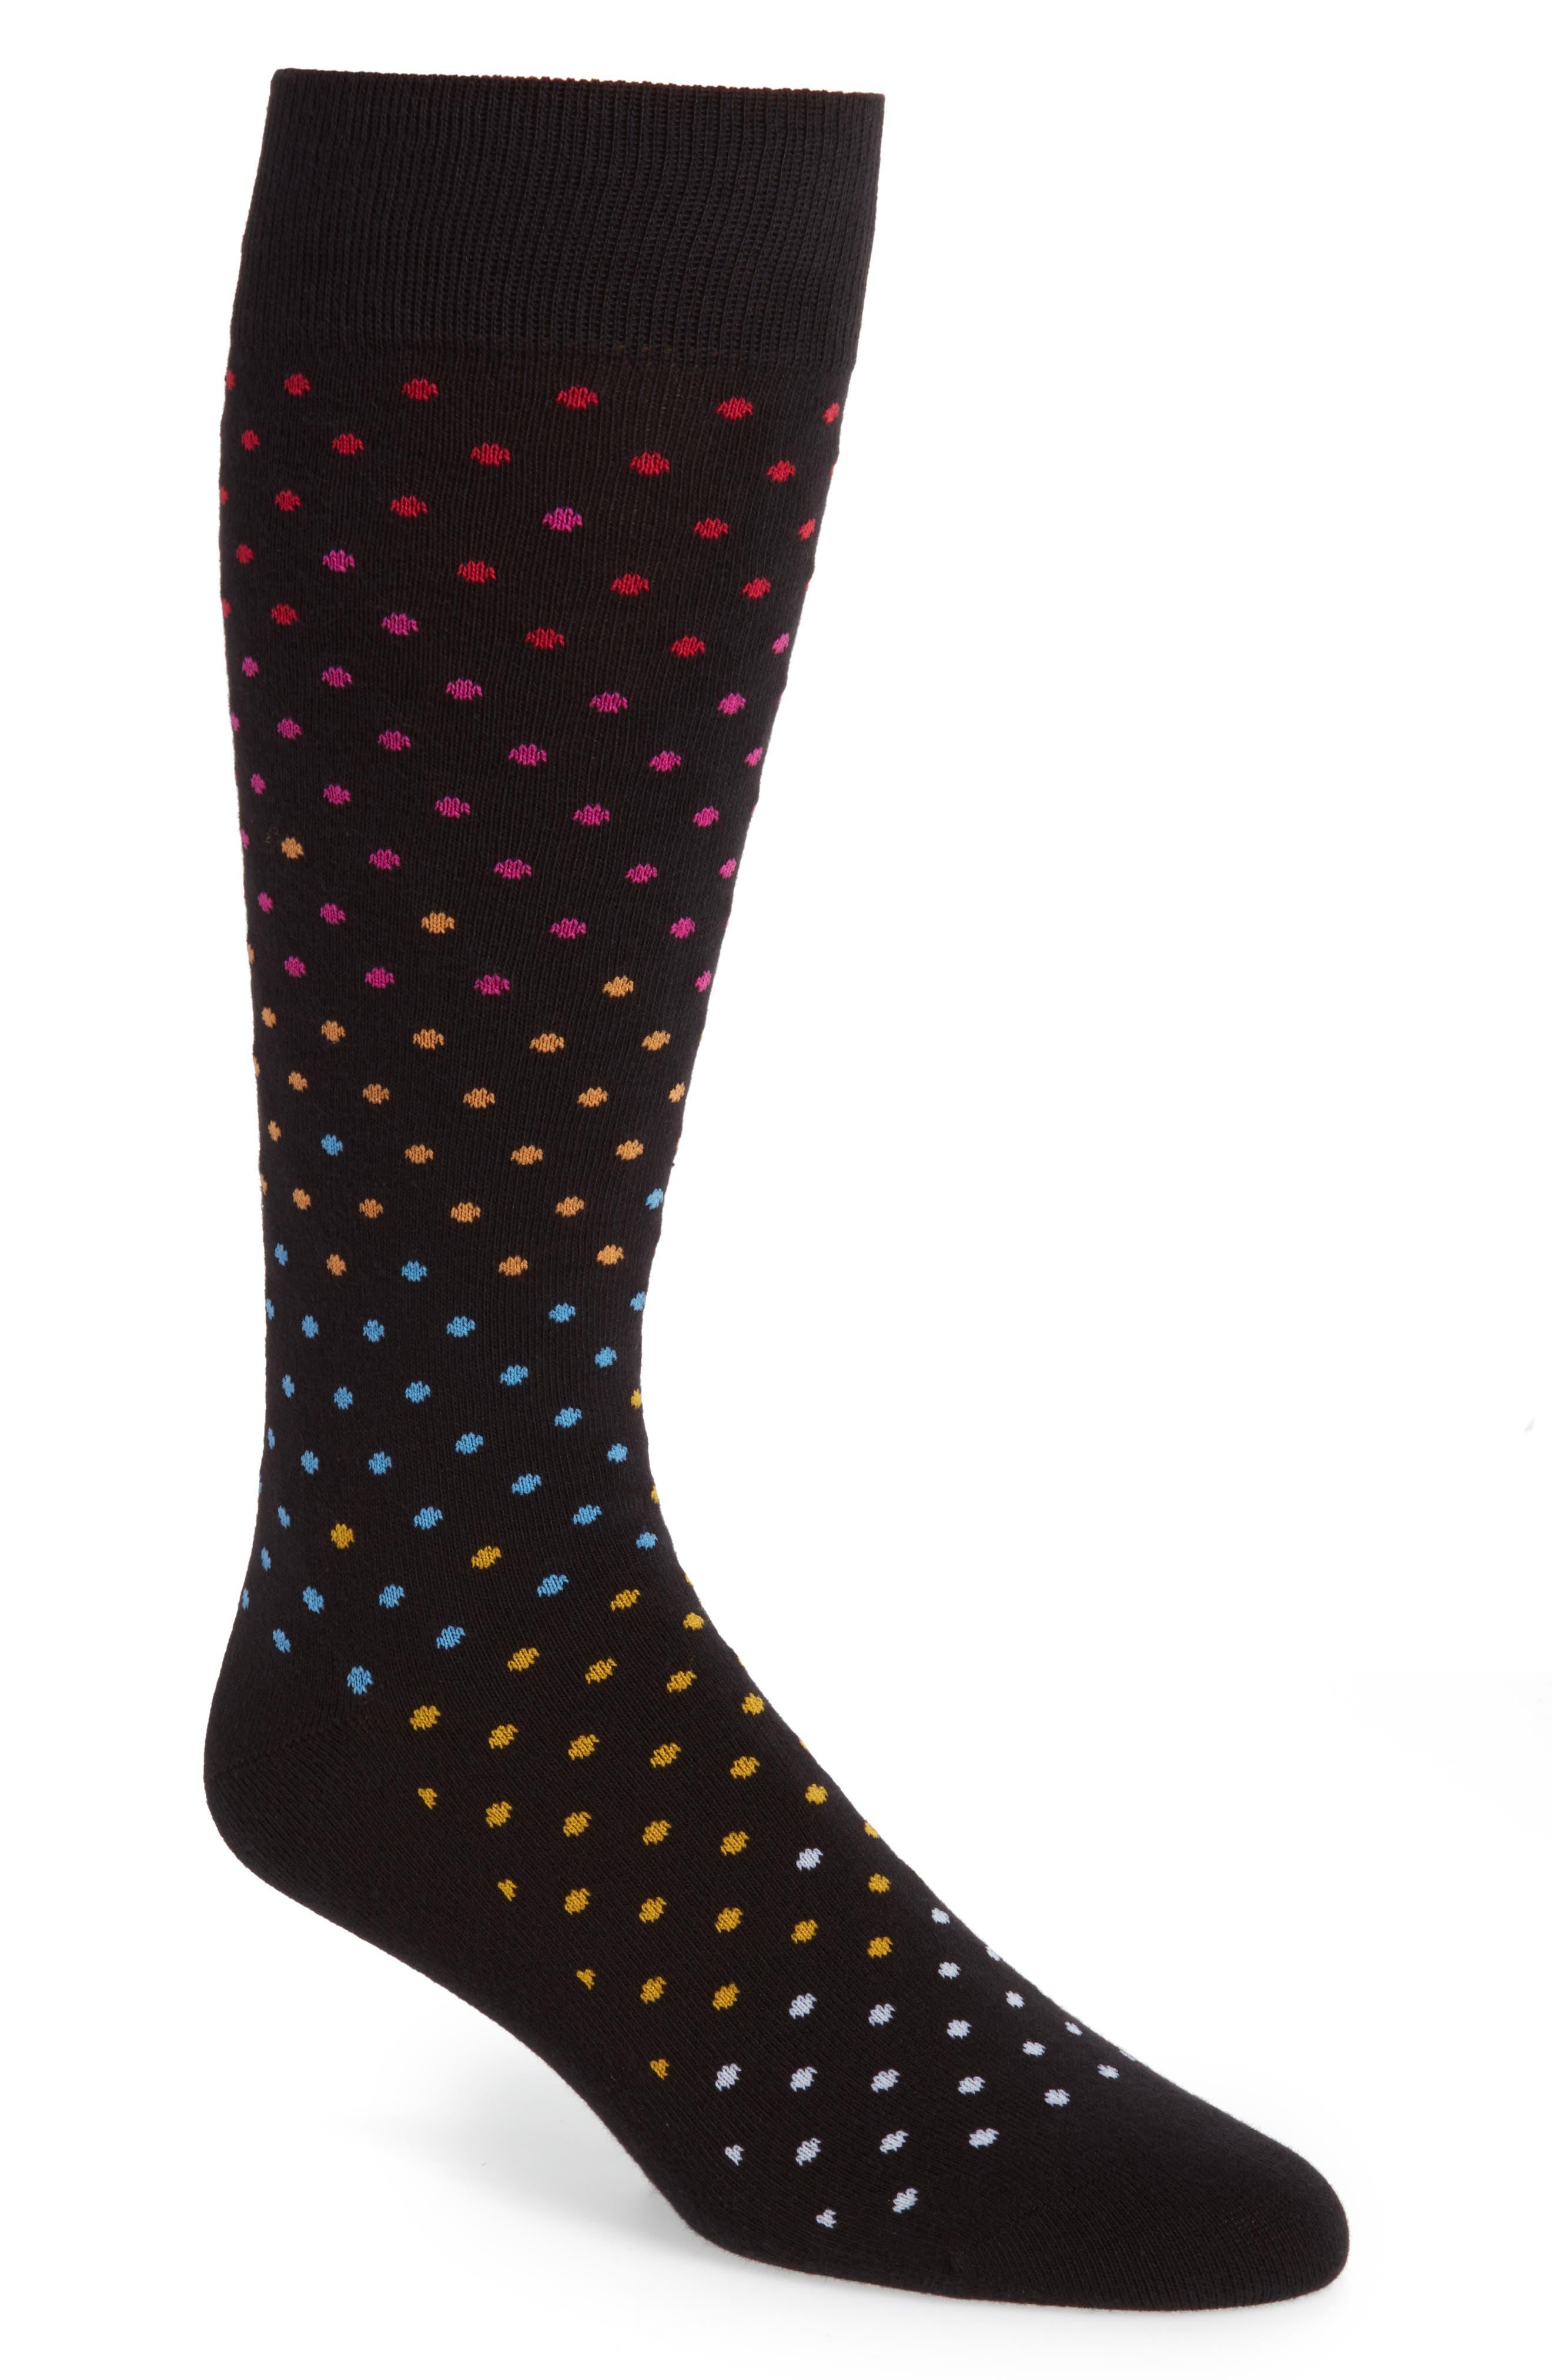 Gradient Dot Socks,                         Main,                         color, Black/ Yellow